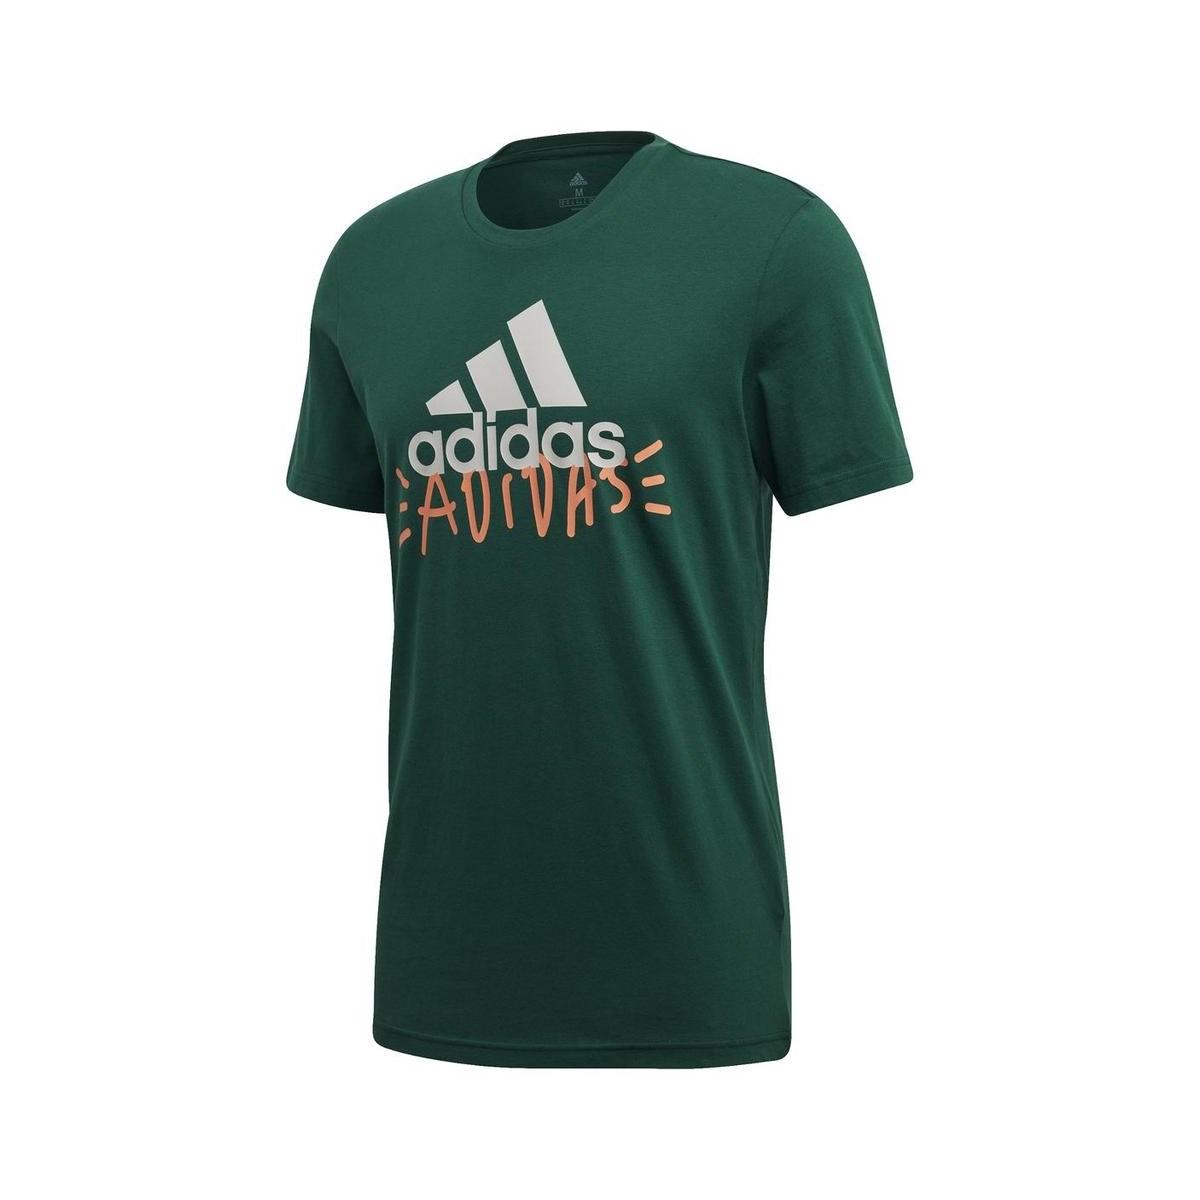 Doodle Basic Badge OF Sport Yeşil Tişört (FN1733)